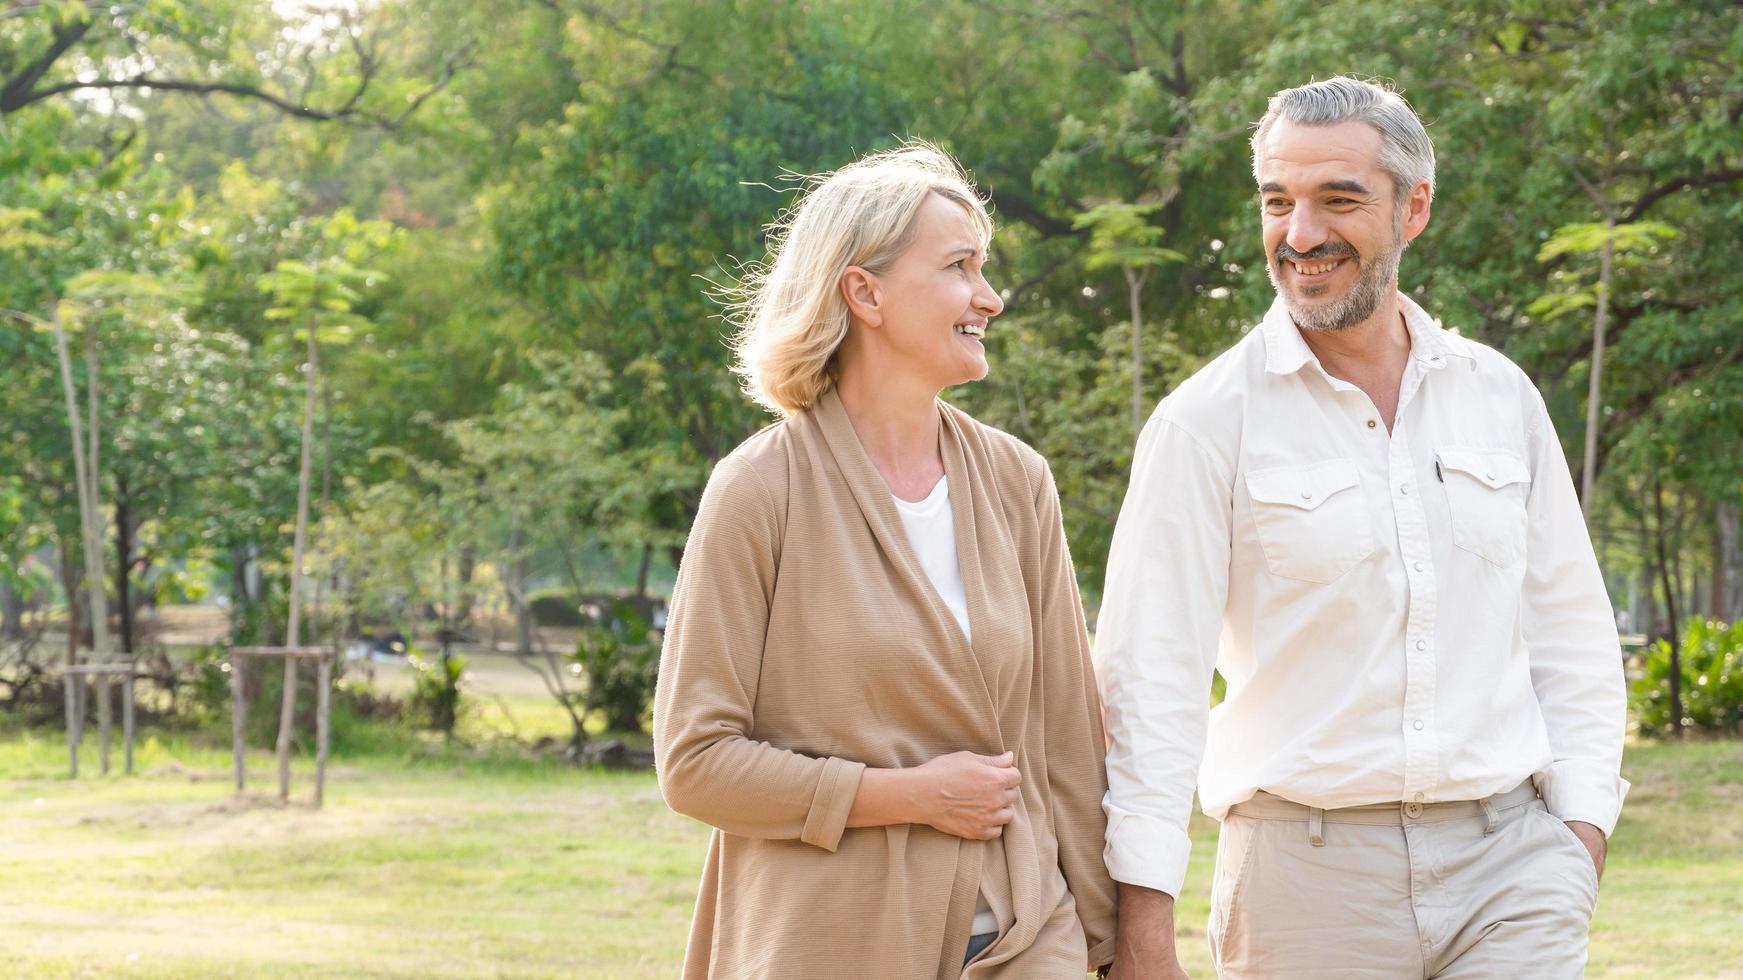 couple d'âge mûr marchant dans un parc photo